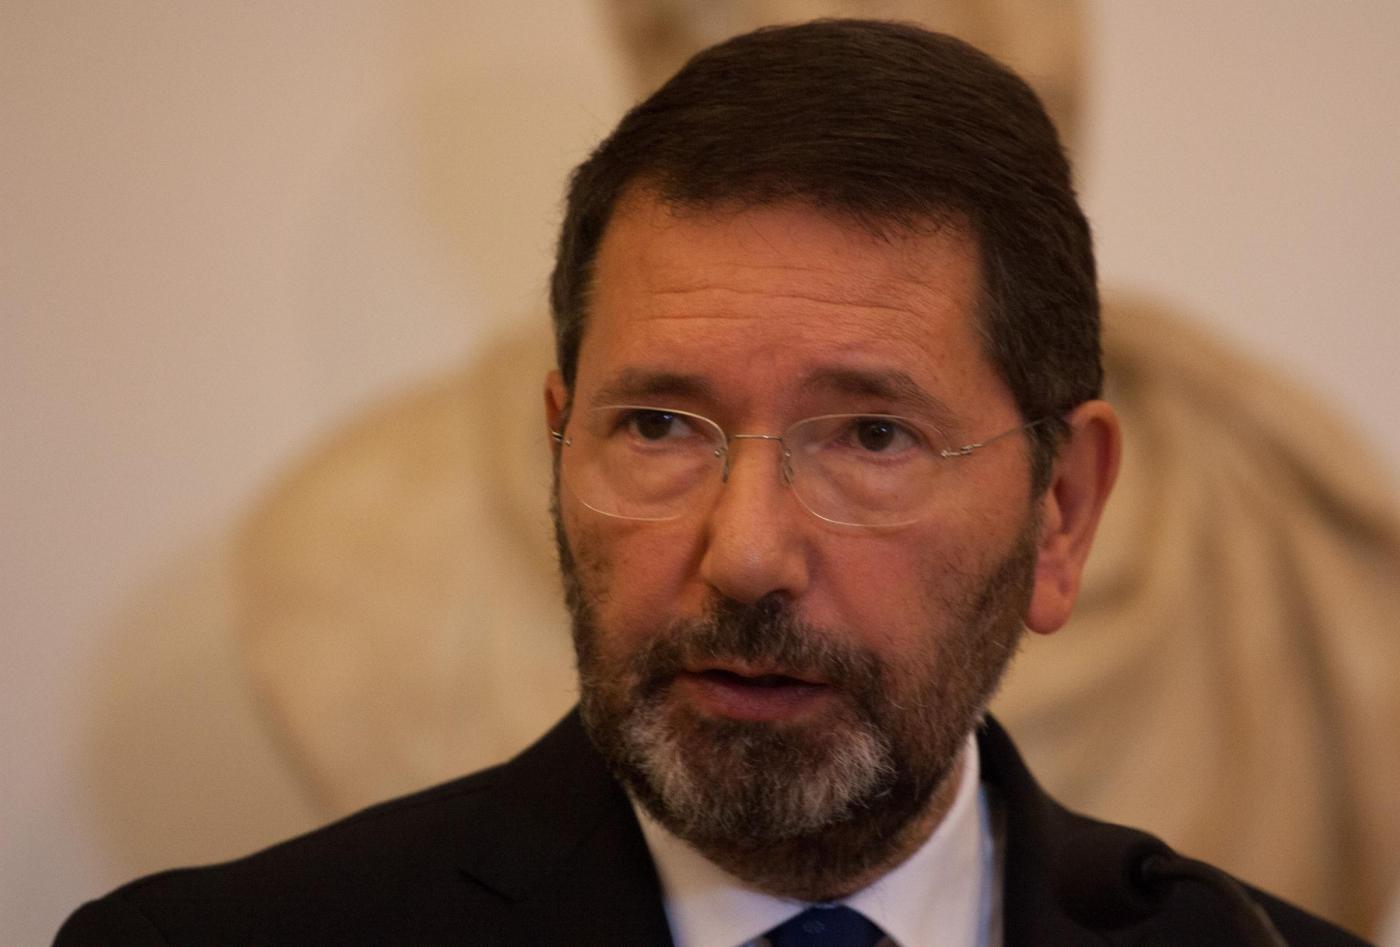 Ignazio Marino assolto, le motivazioni: 'Superficialità ma nessun reato'